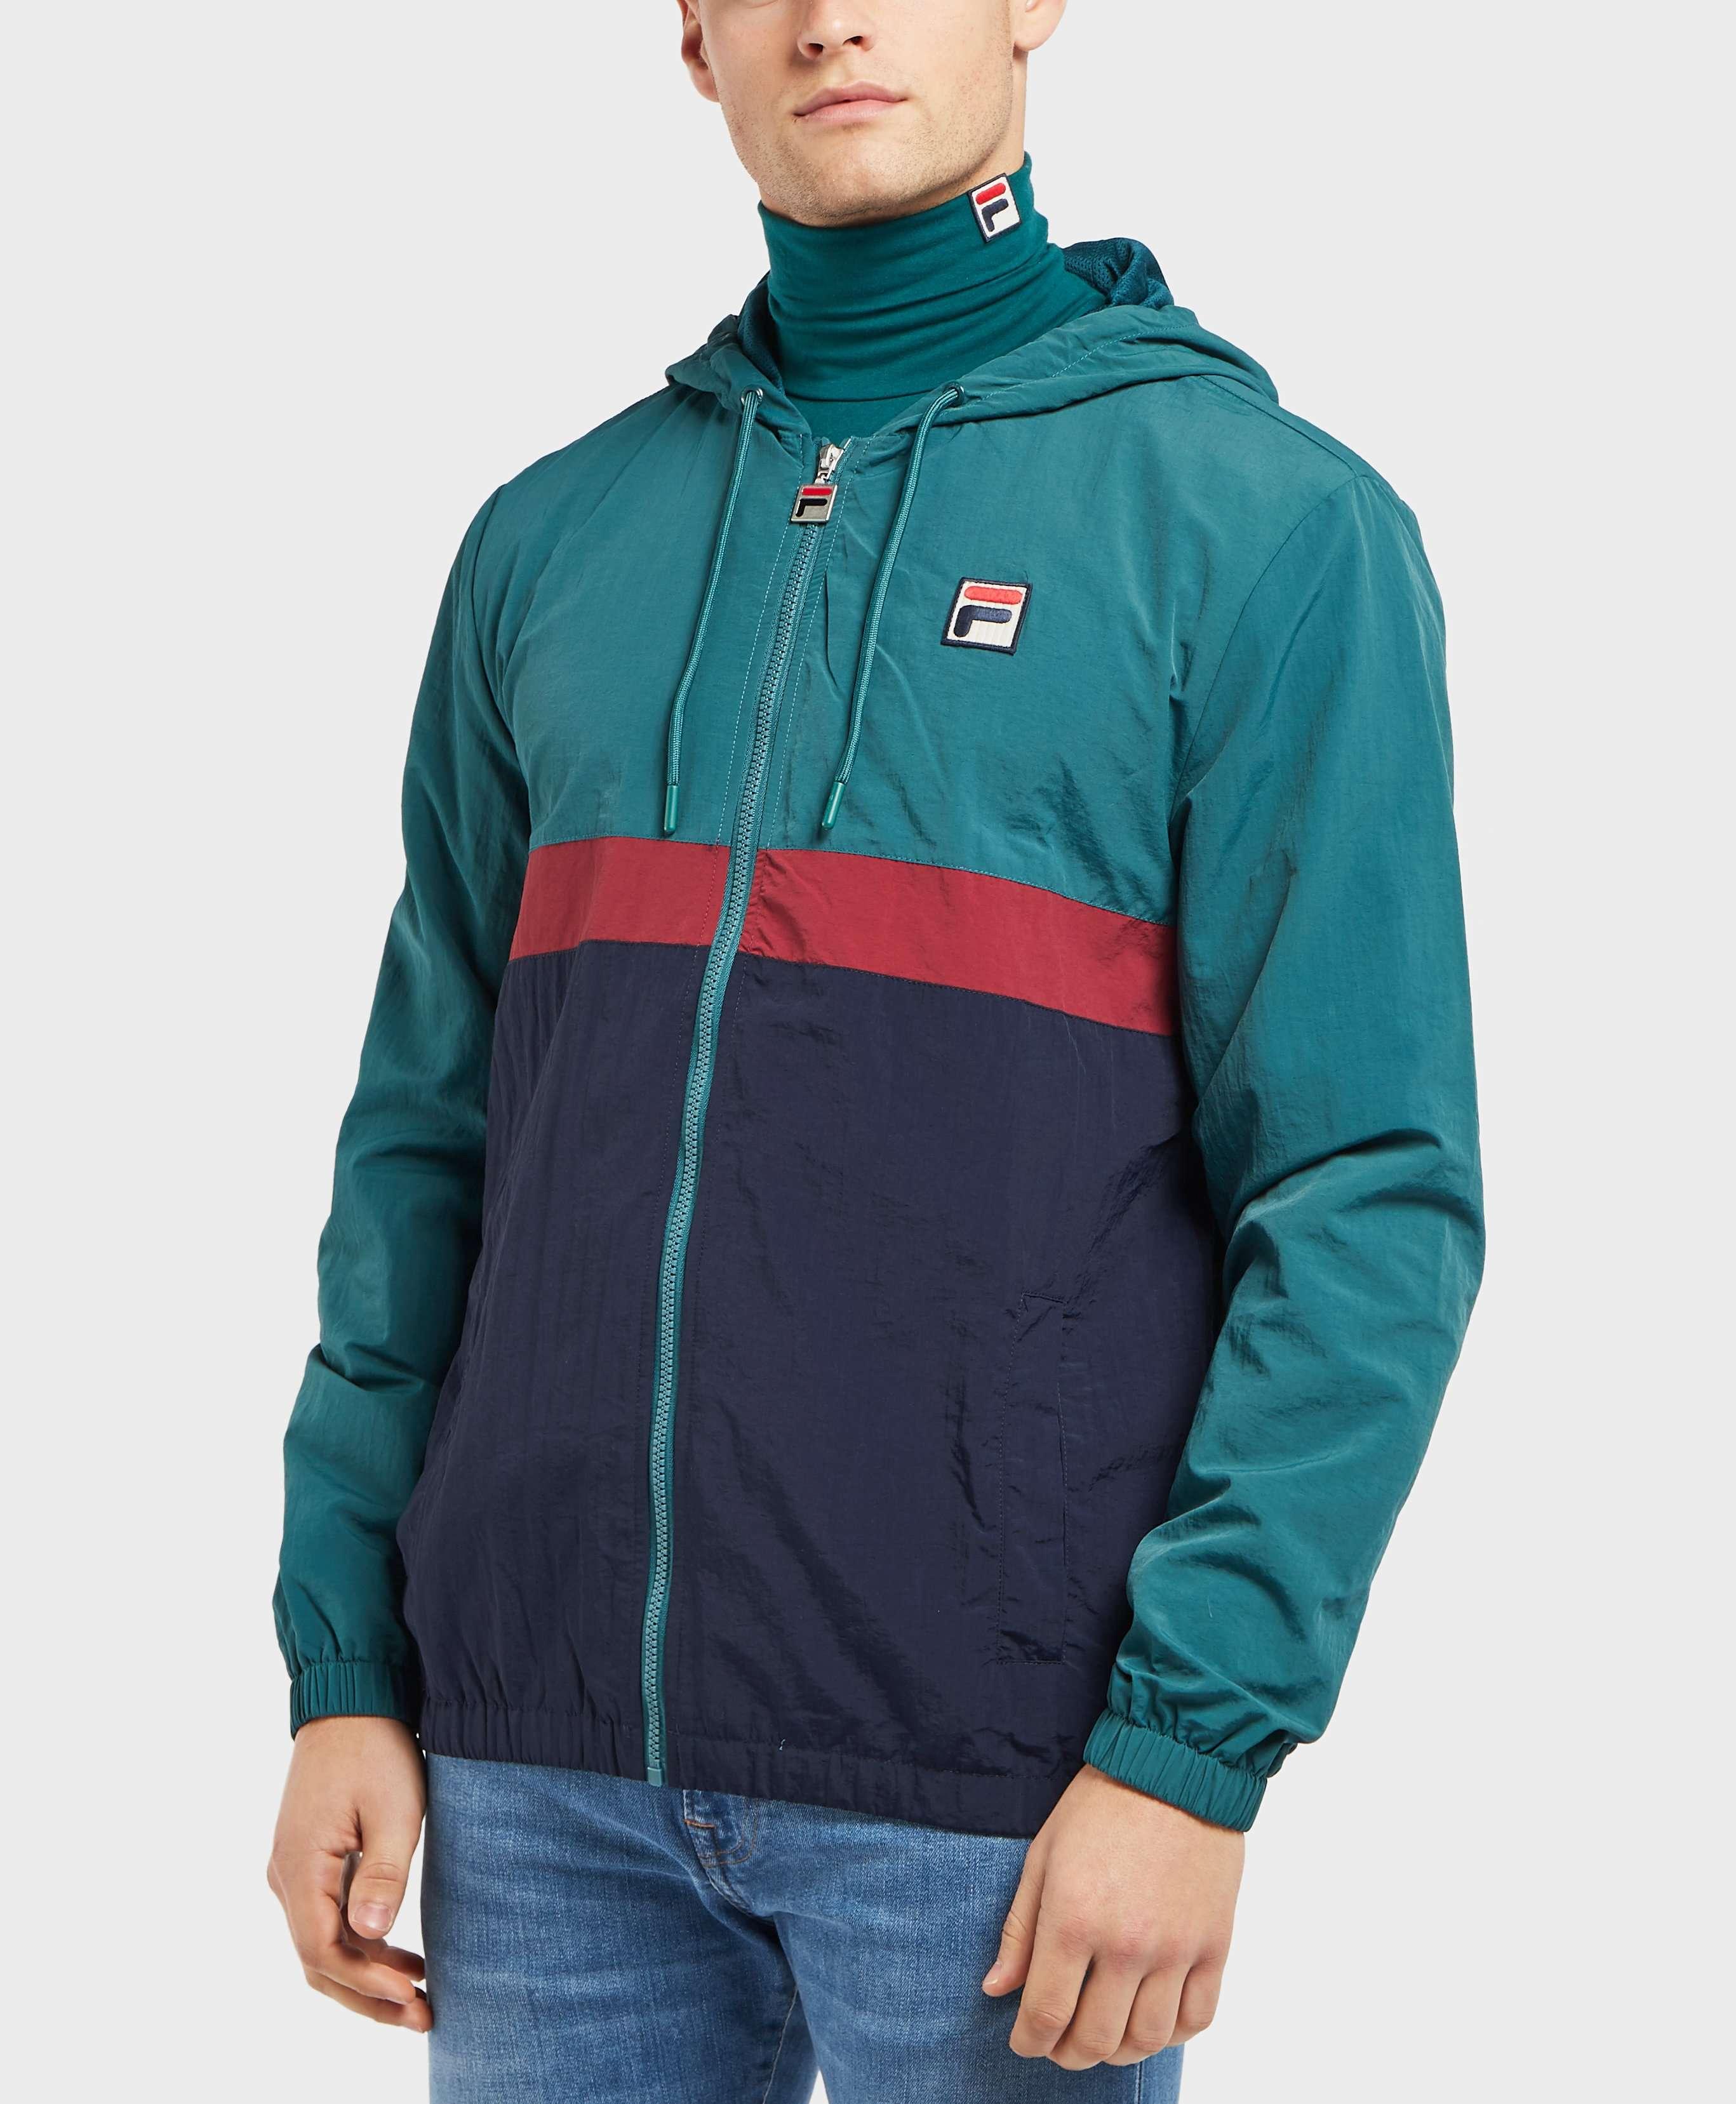 Fila Colour Block Lightweight Windbreaker Jacket